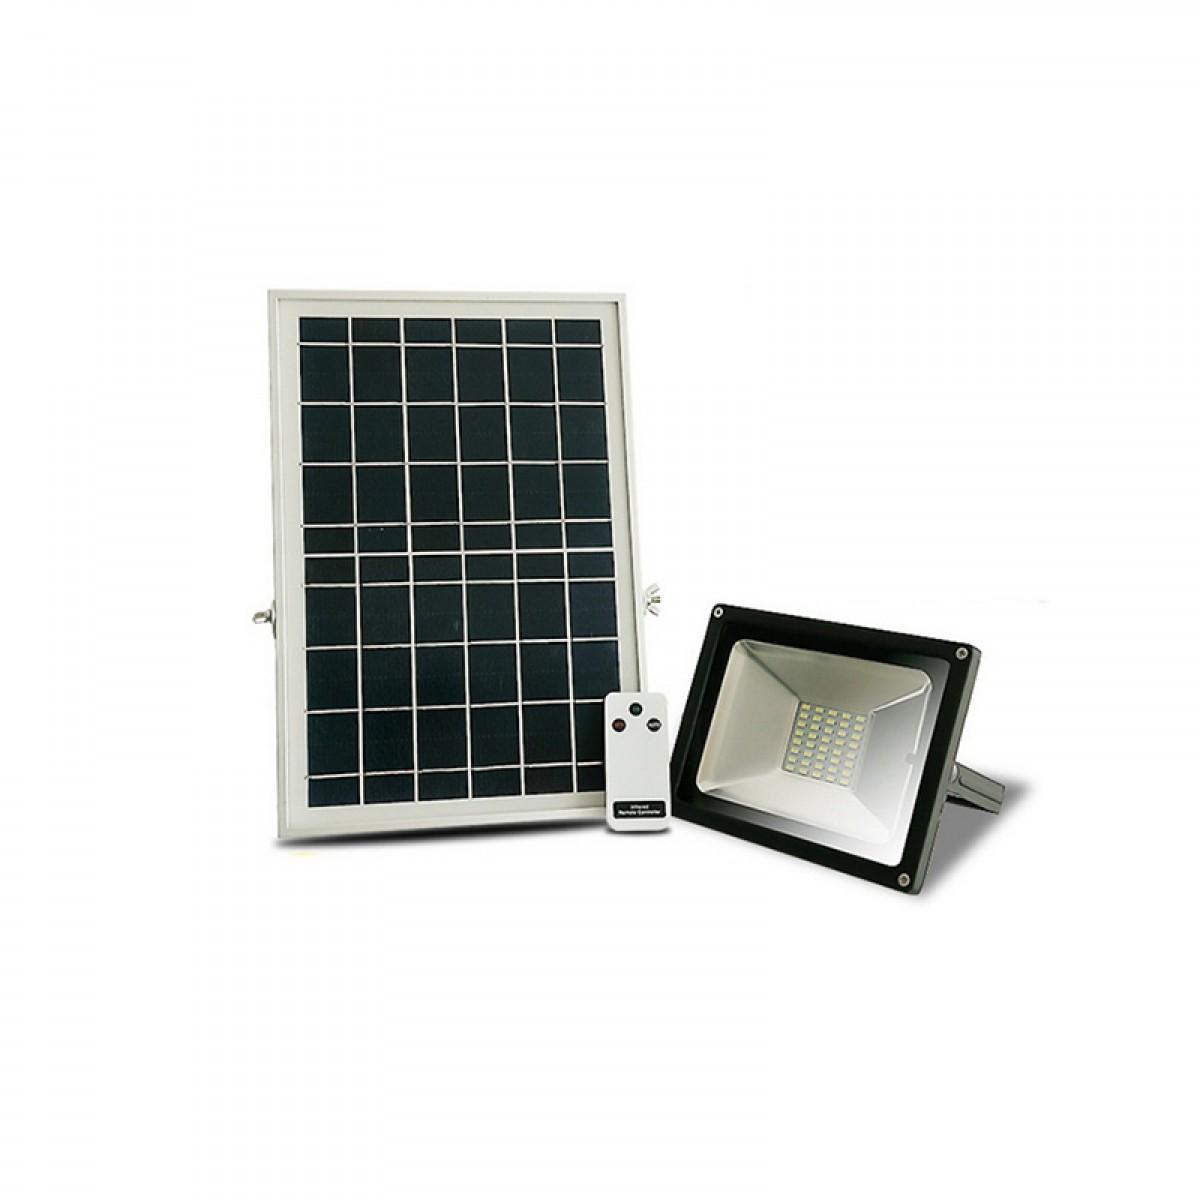 Ηλιακός προβολέας ανάβει μόλις νυχτώσει και σβήνει όταν ξημερώσει εξωτερικού χώρου IP 65 50W με 96ισχυρά SMD LED + Τηλεχειριστήριο ON - OFF + Επιλογή αυτόματου φωτισμού το βράδυ-OEM